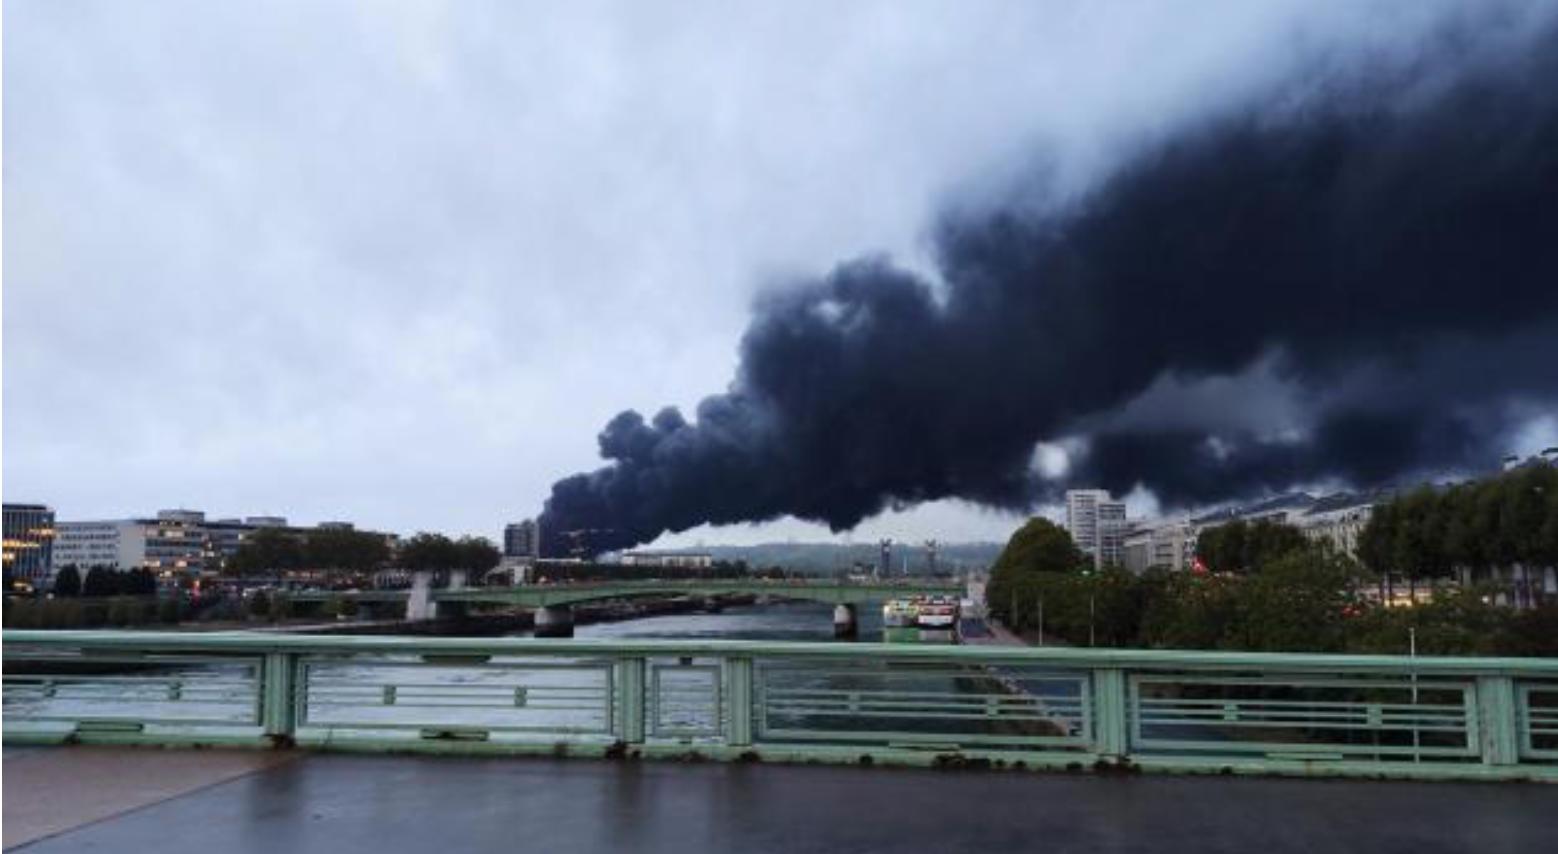 Rouen : accident ou attentat ? En tout cas les écolos-dingos vont surfer sur la vague…